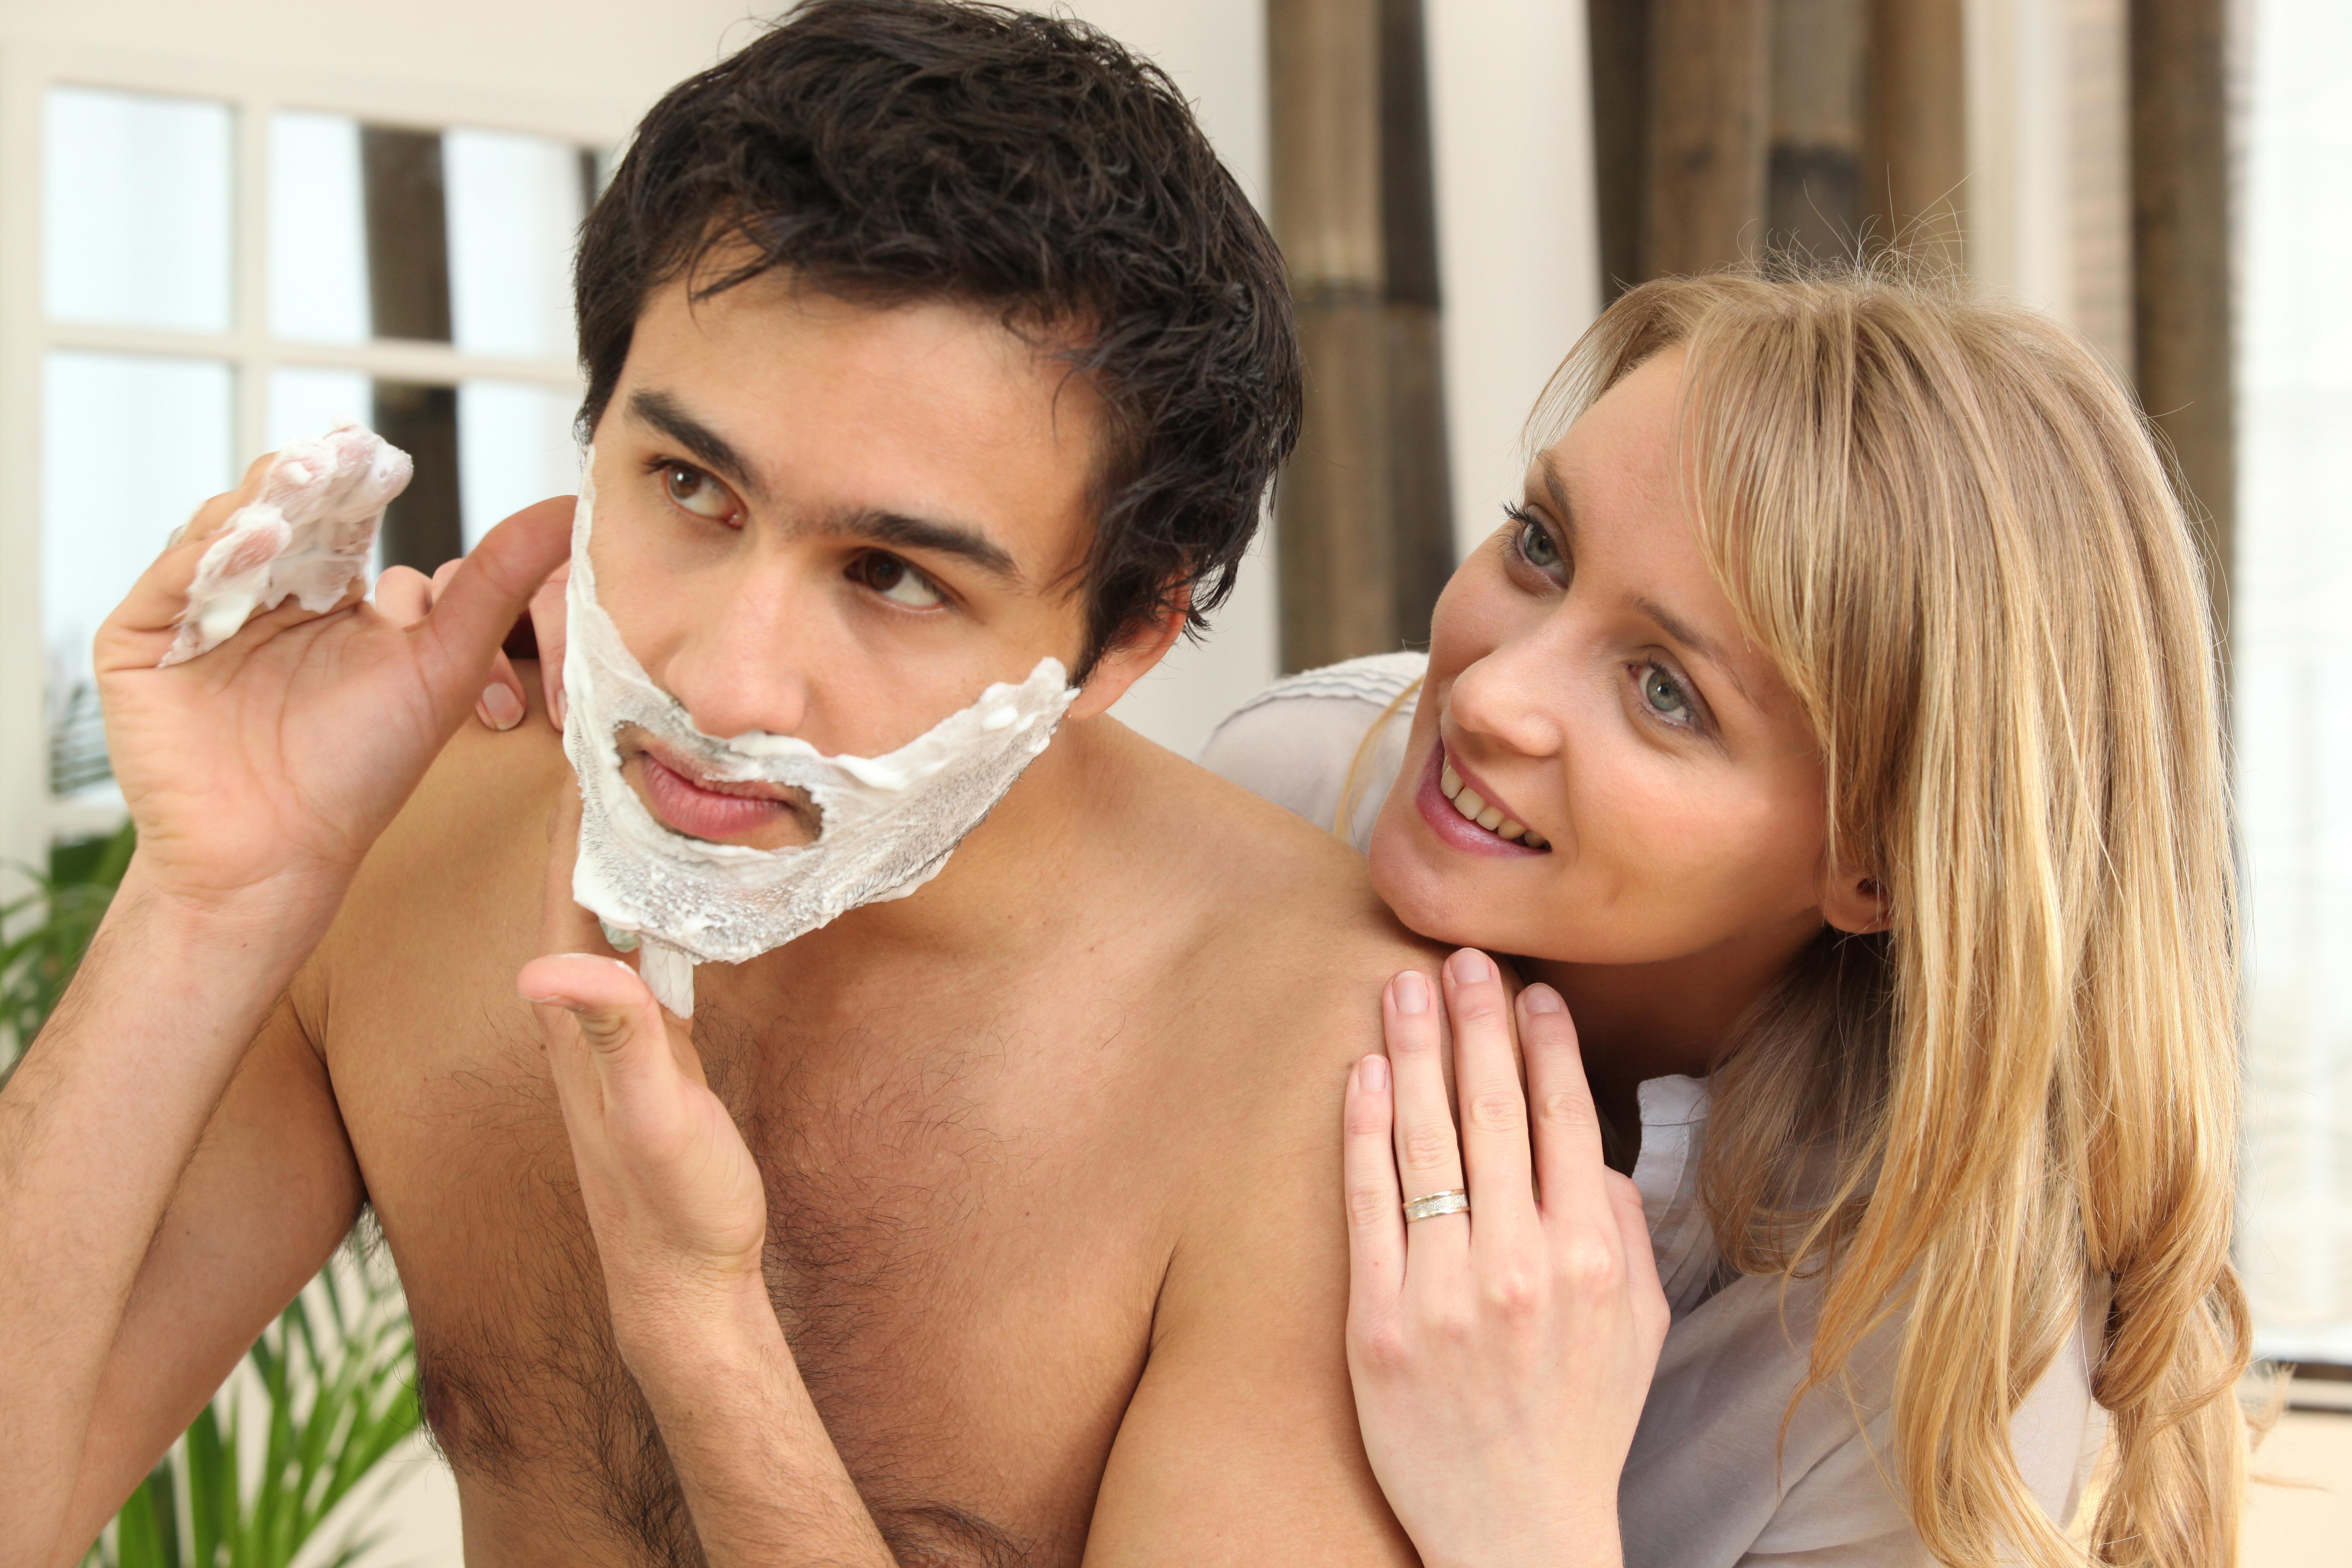 Watching boyfriend shave